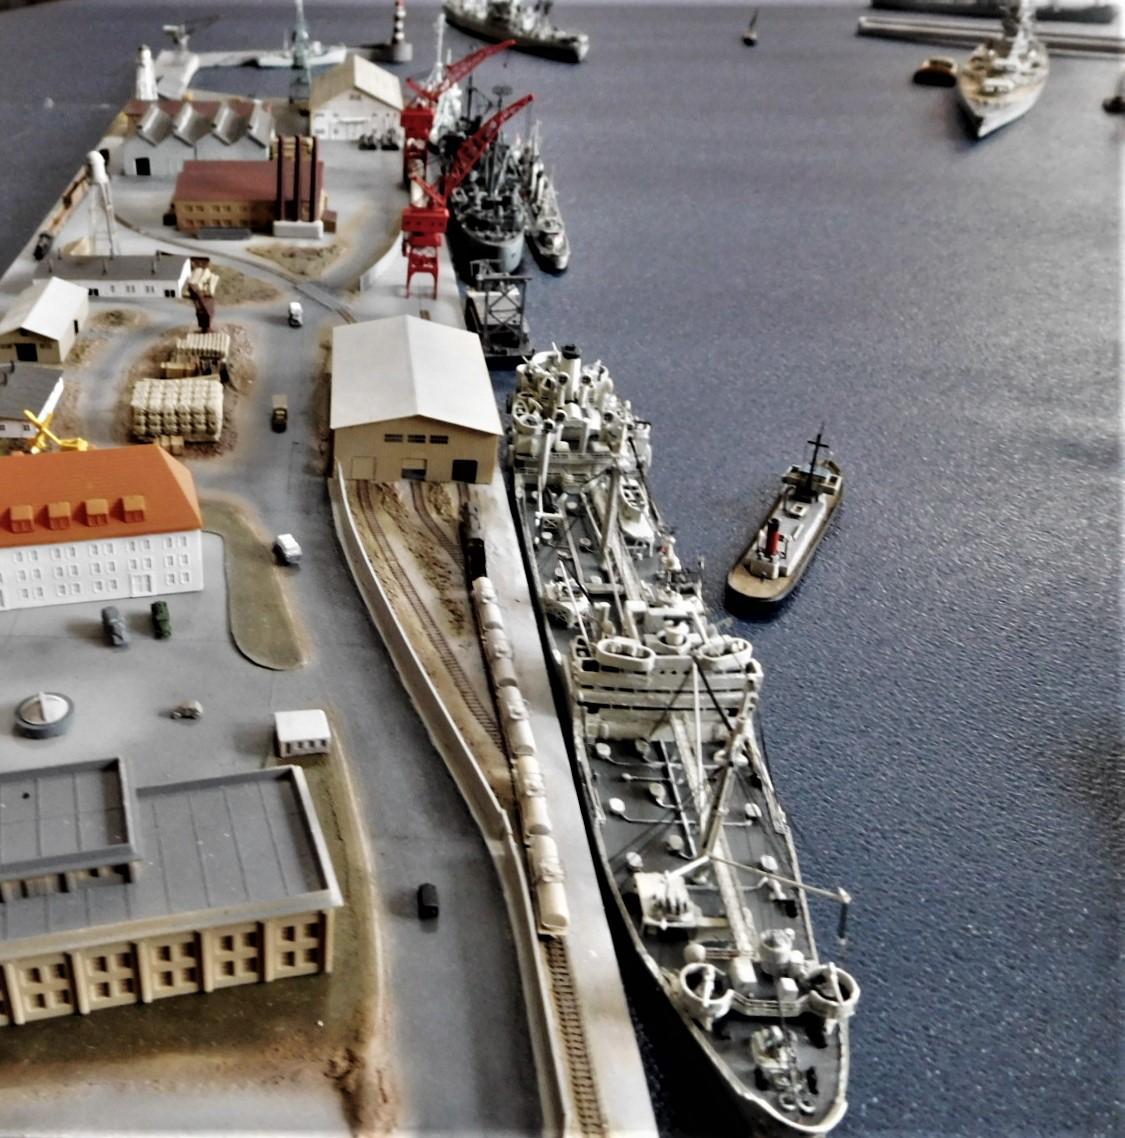 Diorama base navale 1/700 par Nesquik - Page 4 VoSxhFs5